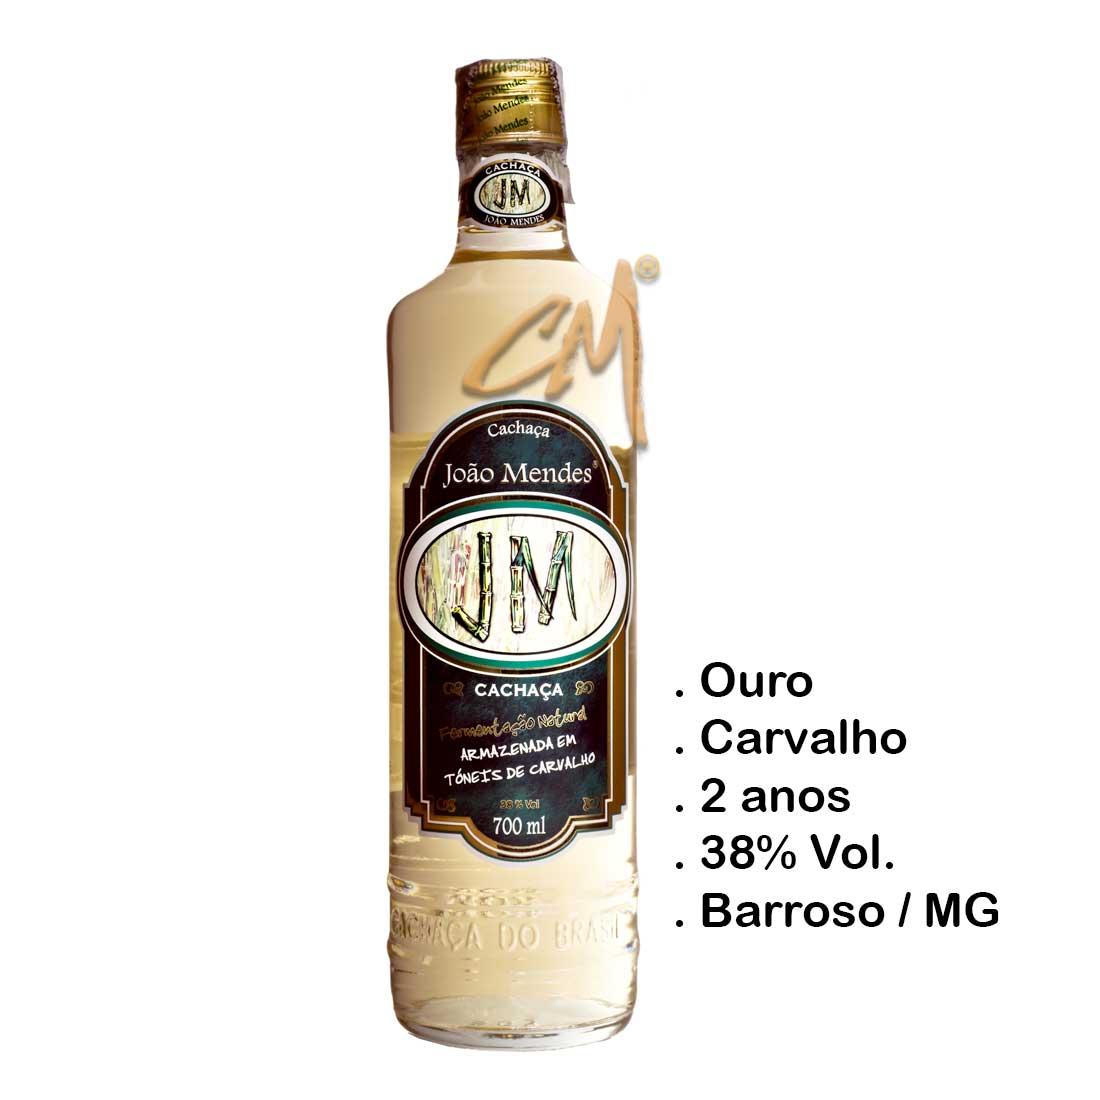 Cachaça João Mendes Ouro 700 ml (Perdões - MG)